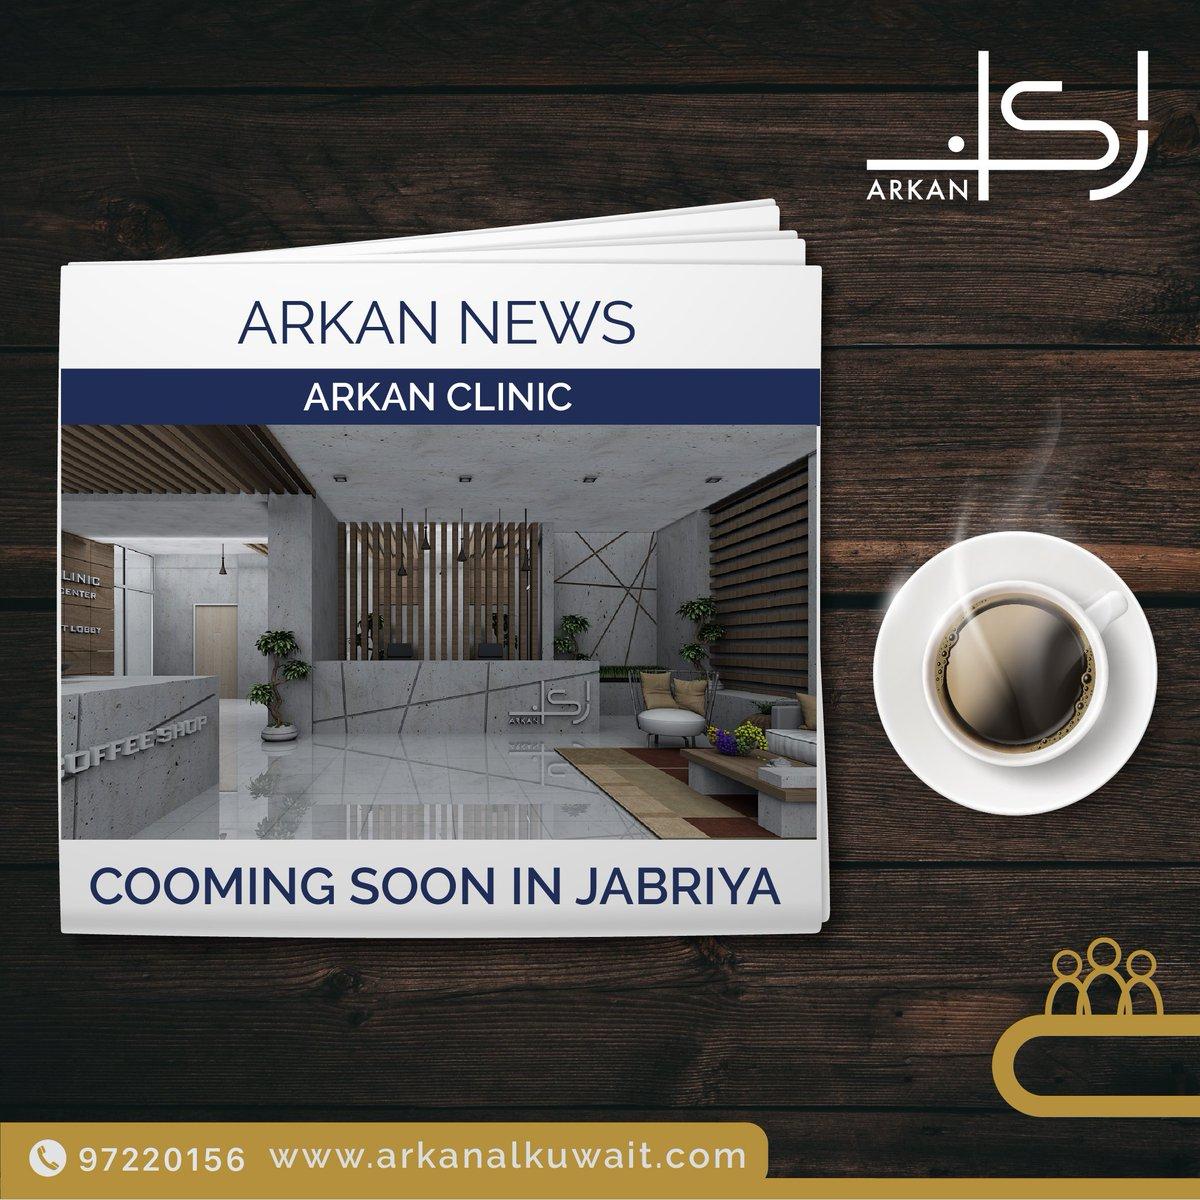 Arkan Al-Kuwait Real Estate Company on Twitter: